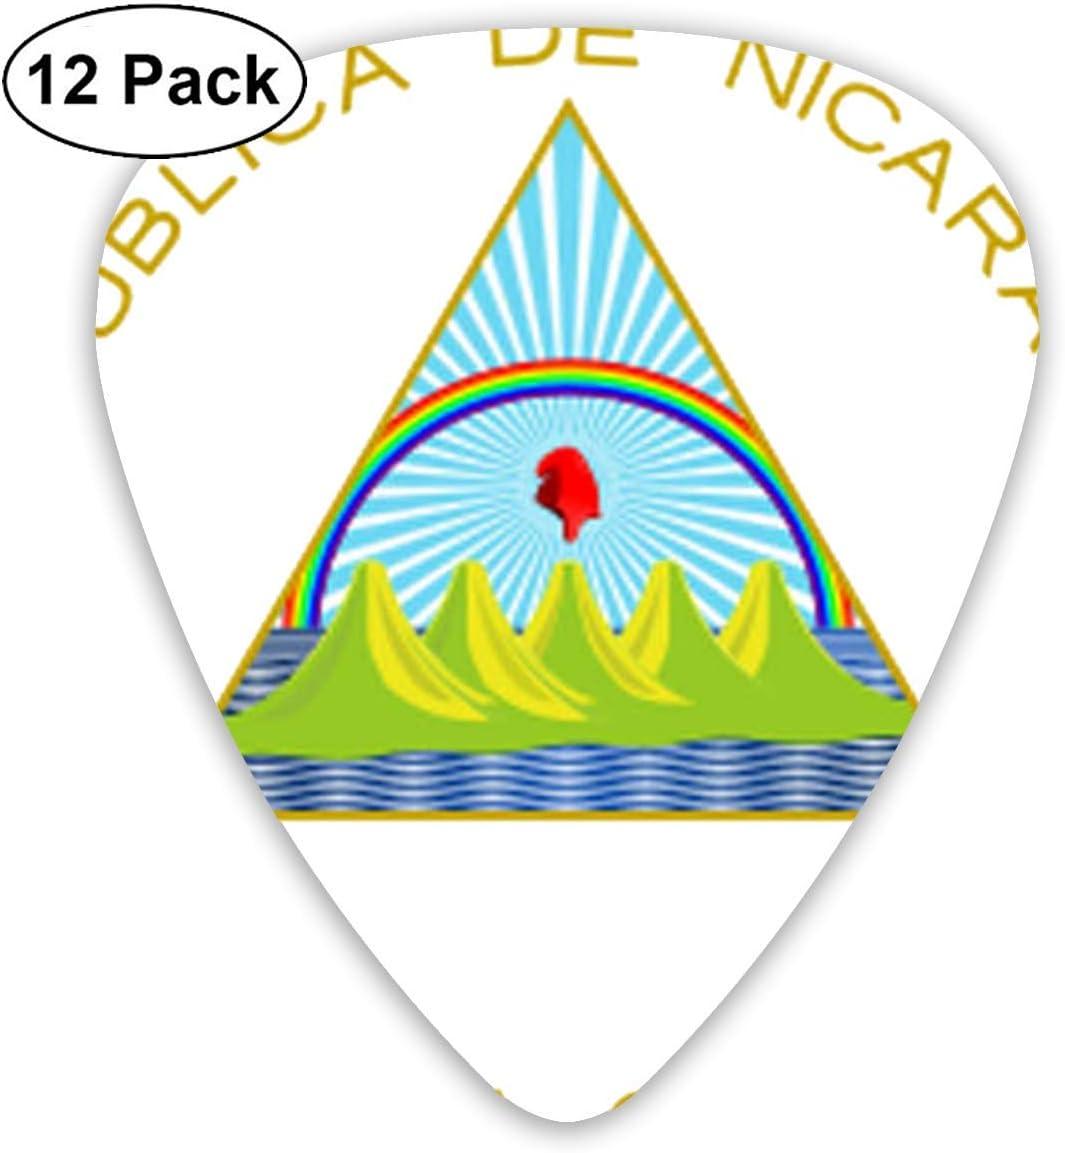 Selecciones de guitarra nacional de la bandera de Nicaragua Elecciones premium para guitarras eléctricas acústicas Bajo o ukelele Incluye medidores delgados, medianos y pesados